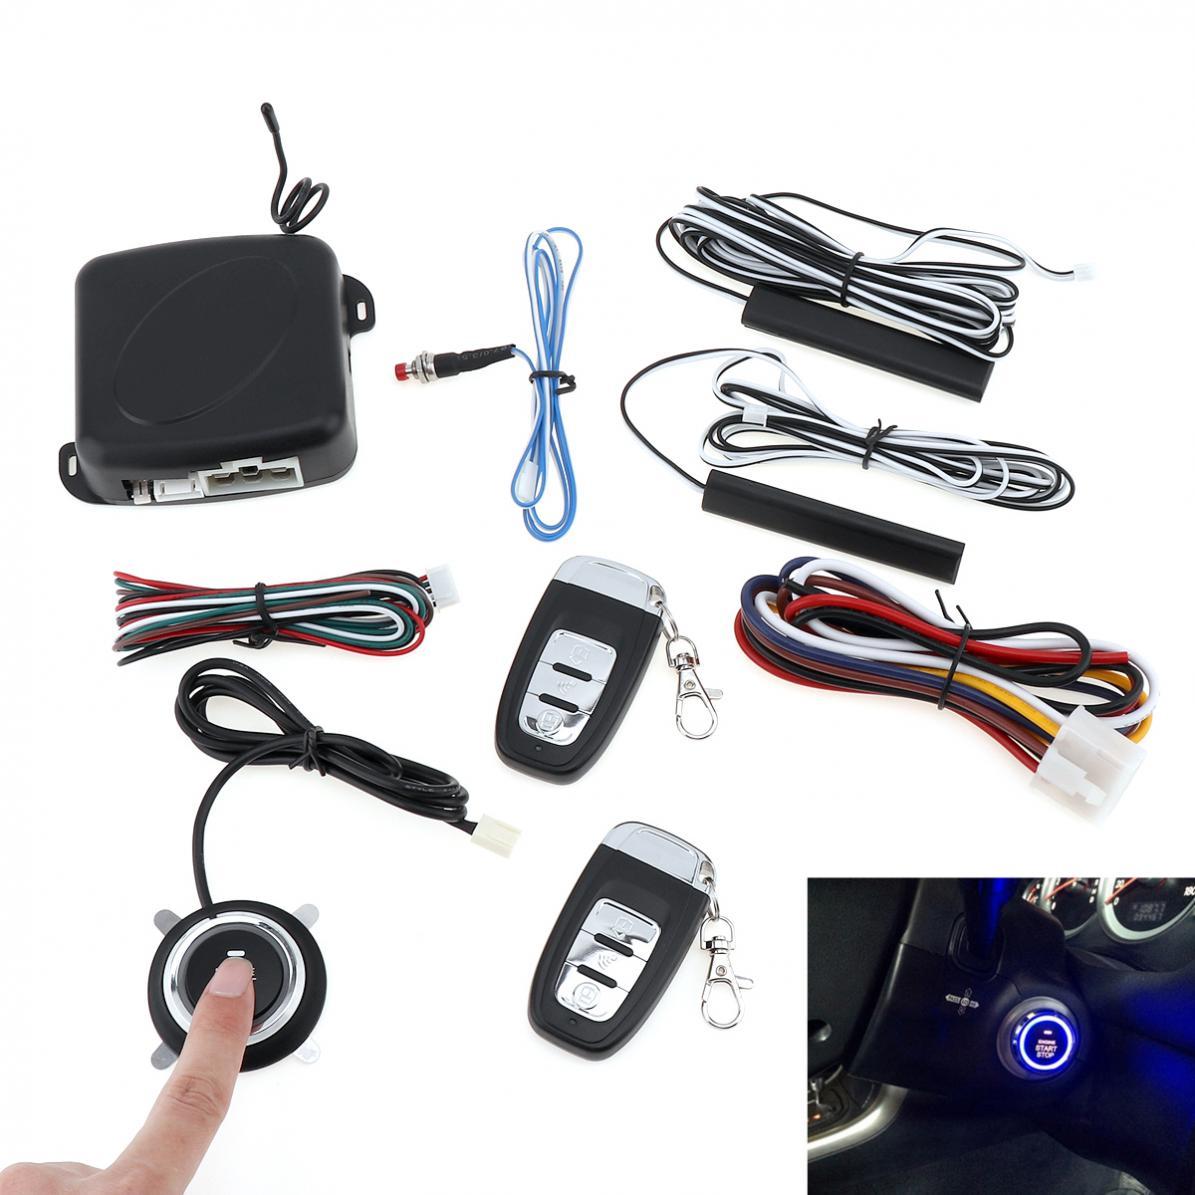 Smart Auto voiture alarme moteur Starline bouton poussoir démarrage arrêt RFID serrure interrupteur d'allumage sans clé entrée système de démarrage Anti-vol